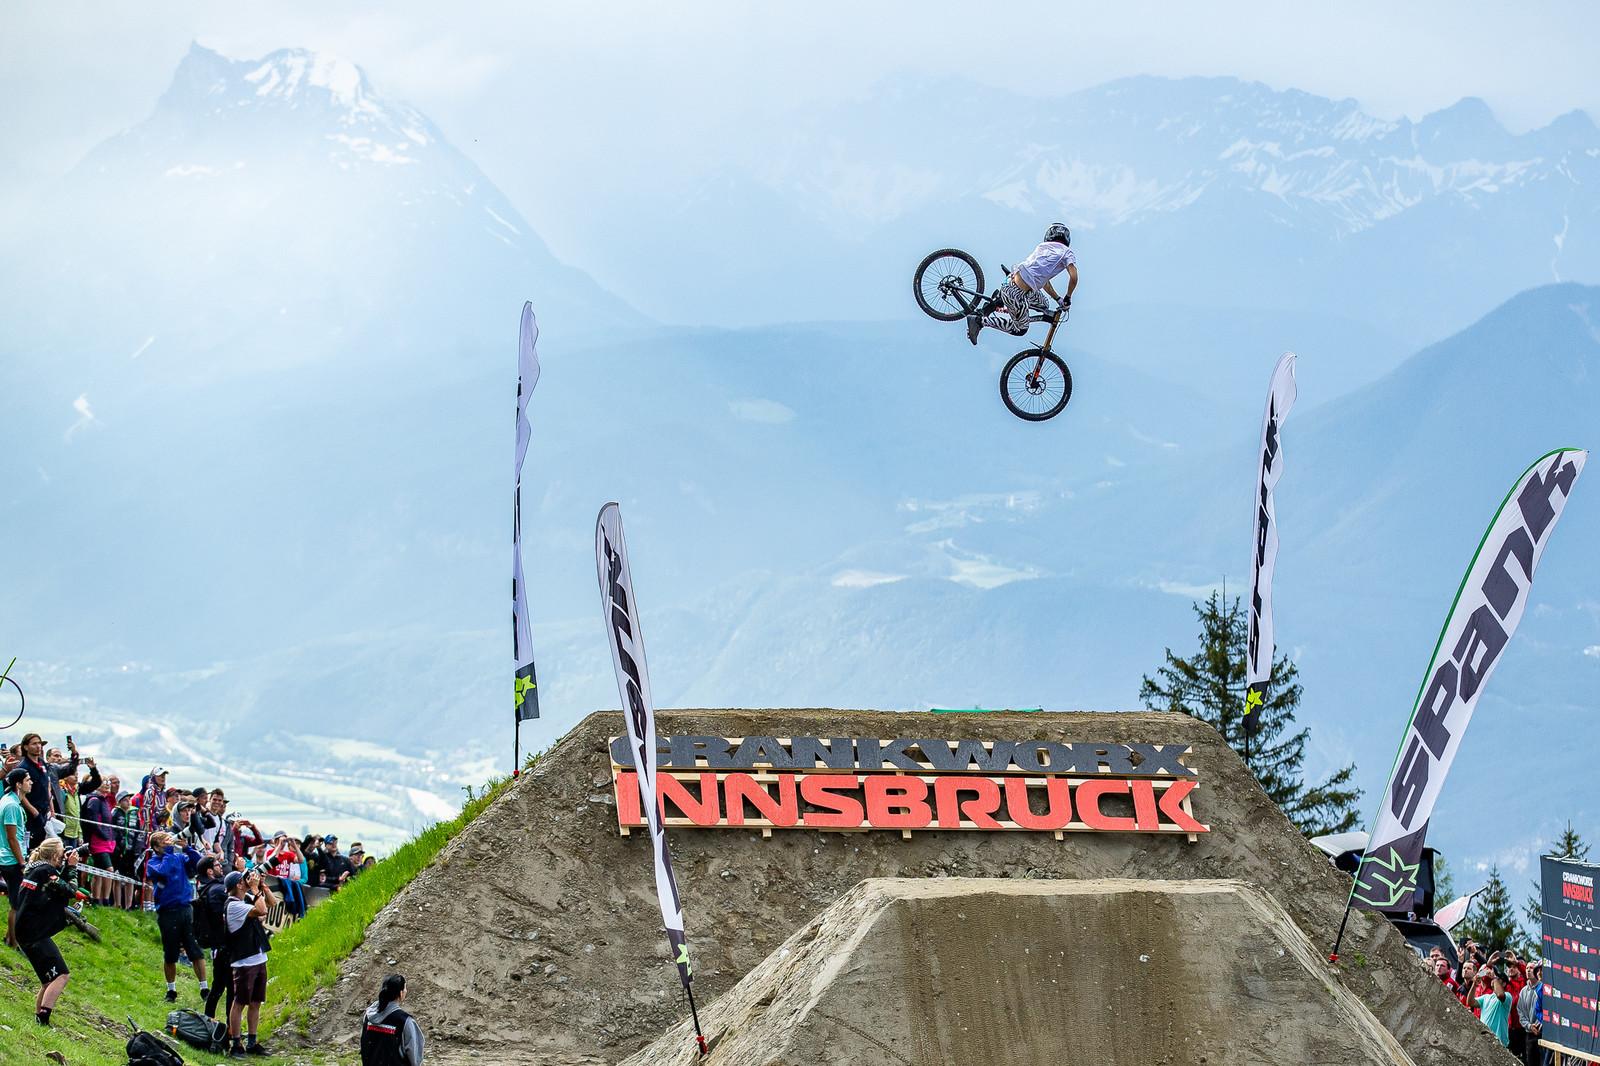 European Whip Off Champs - Crankworx Innsbruck - Kaos Seagrave, Winner! - European Whip Off Champs - Crankworx Innsbruck - Mountain Biking Pictures - Vital MTB